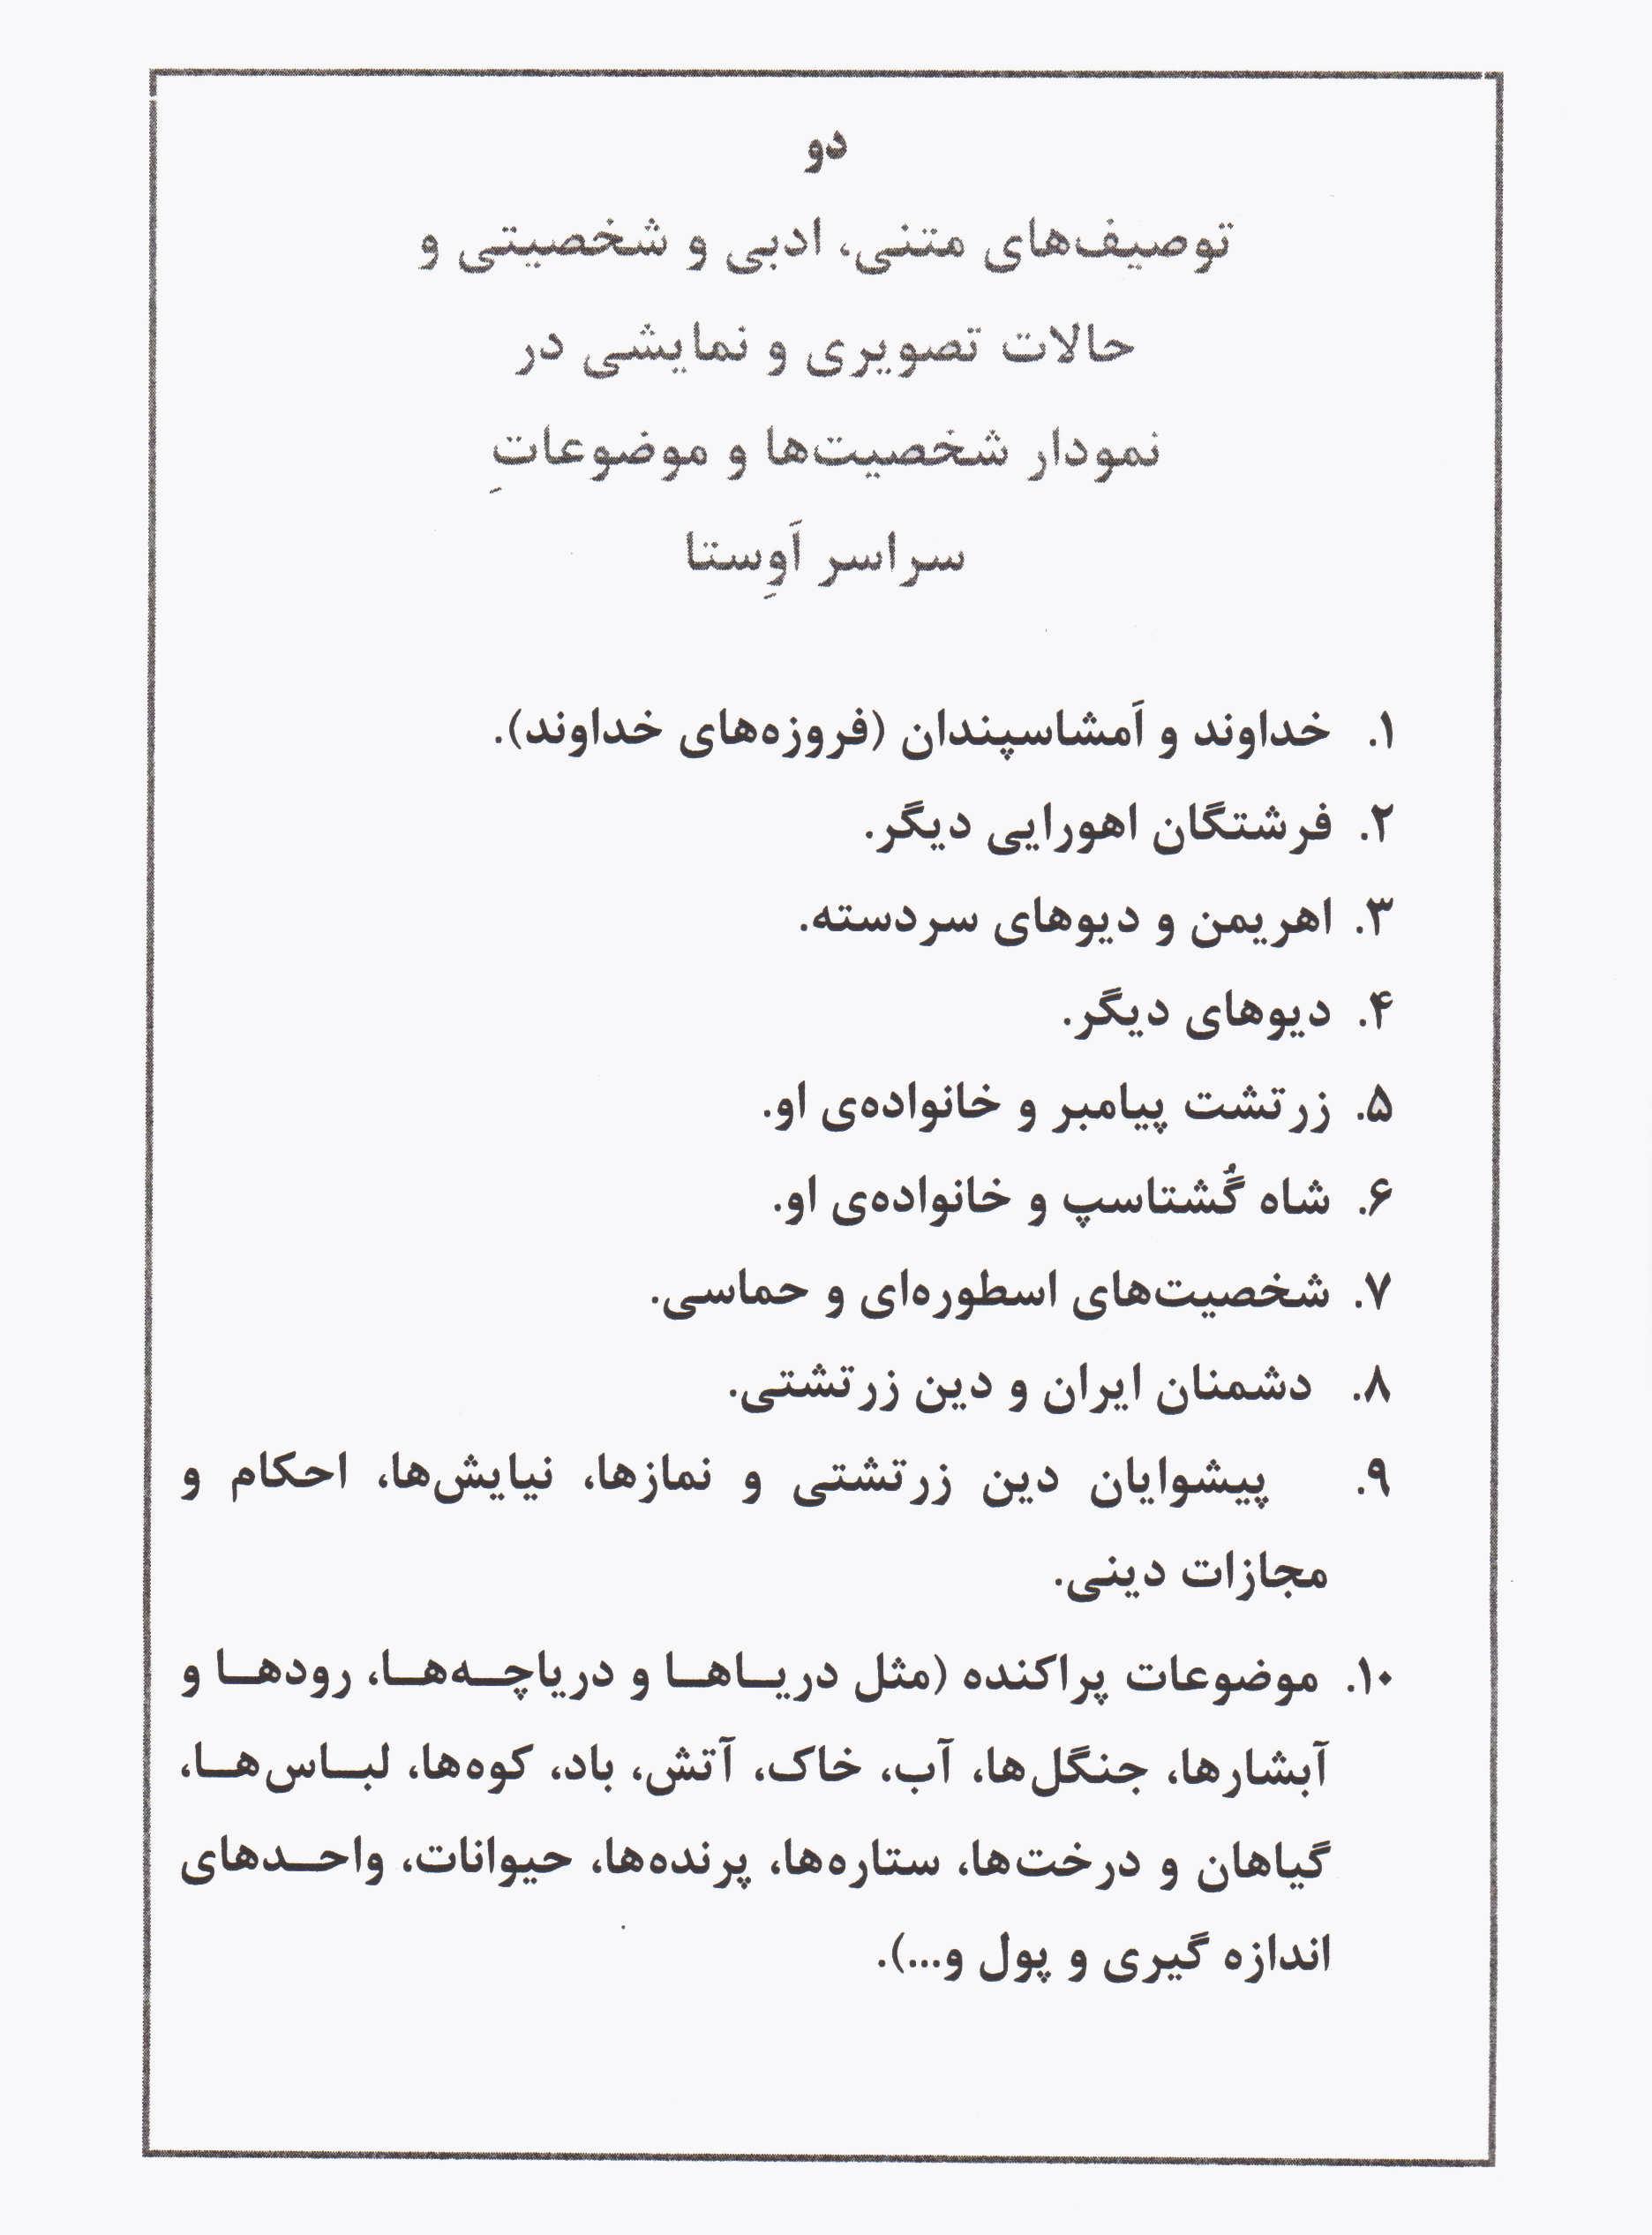 نگاره های اهورایی (دانشنامه تصویری،توصیفی و نمایشی شخصیت ها و موضوعات اوستا)